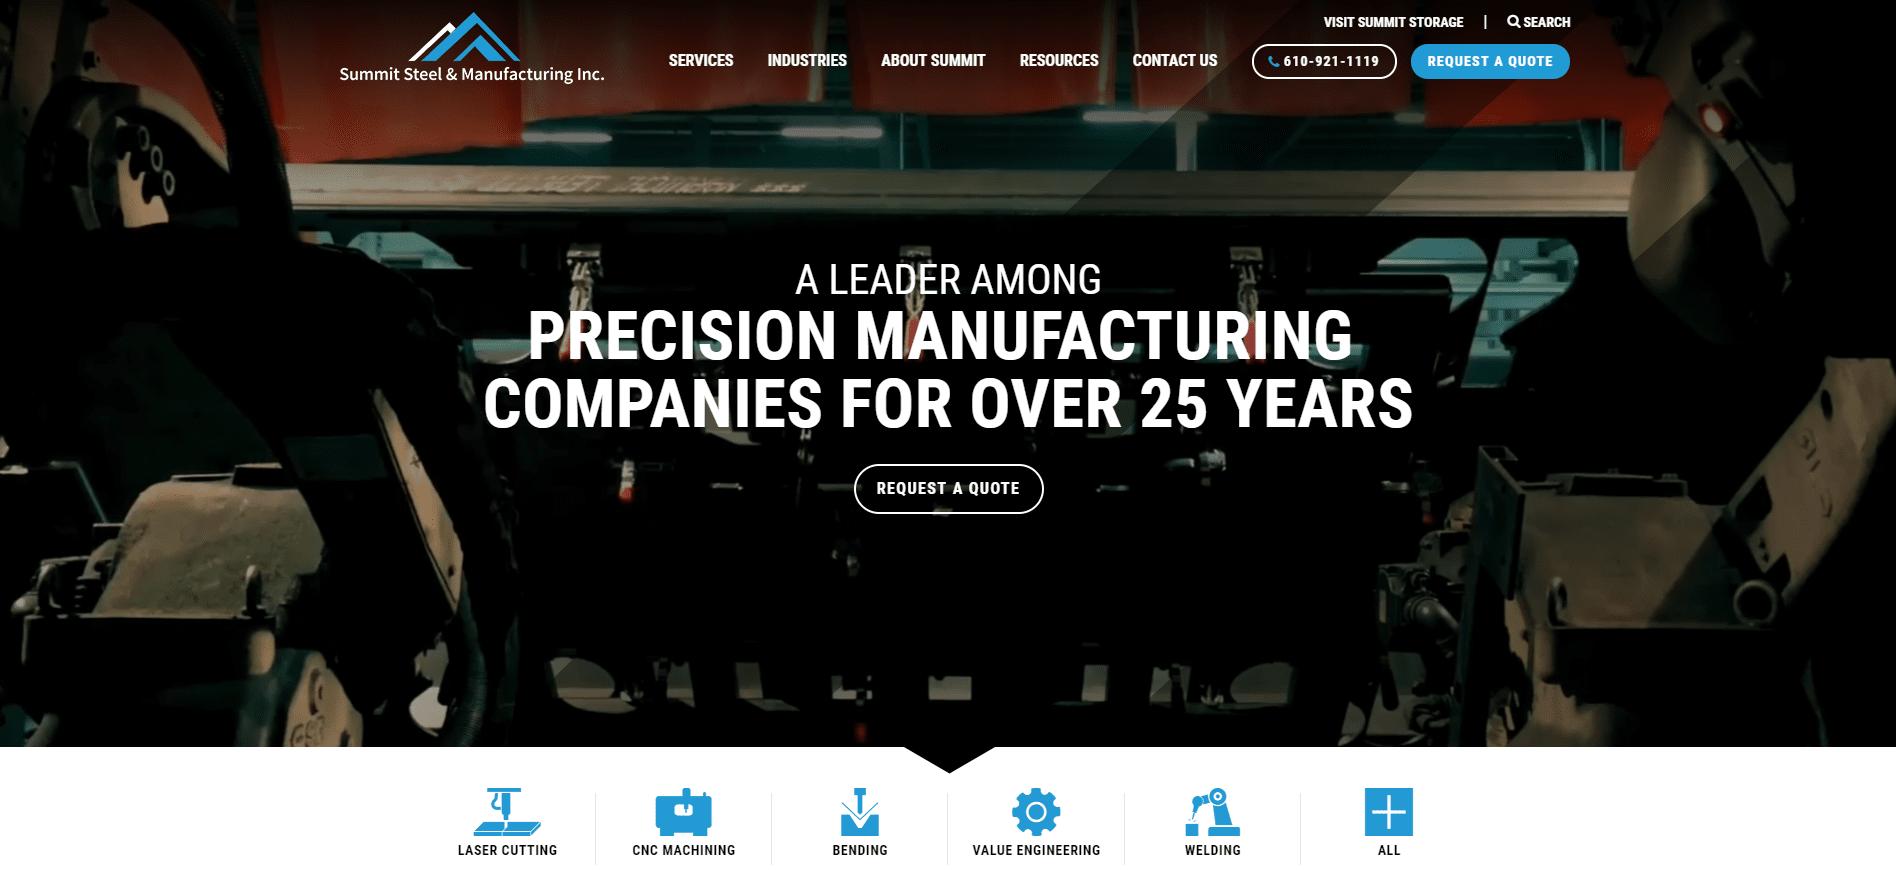 Summit Steel wins Horizon Interactive Award